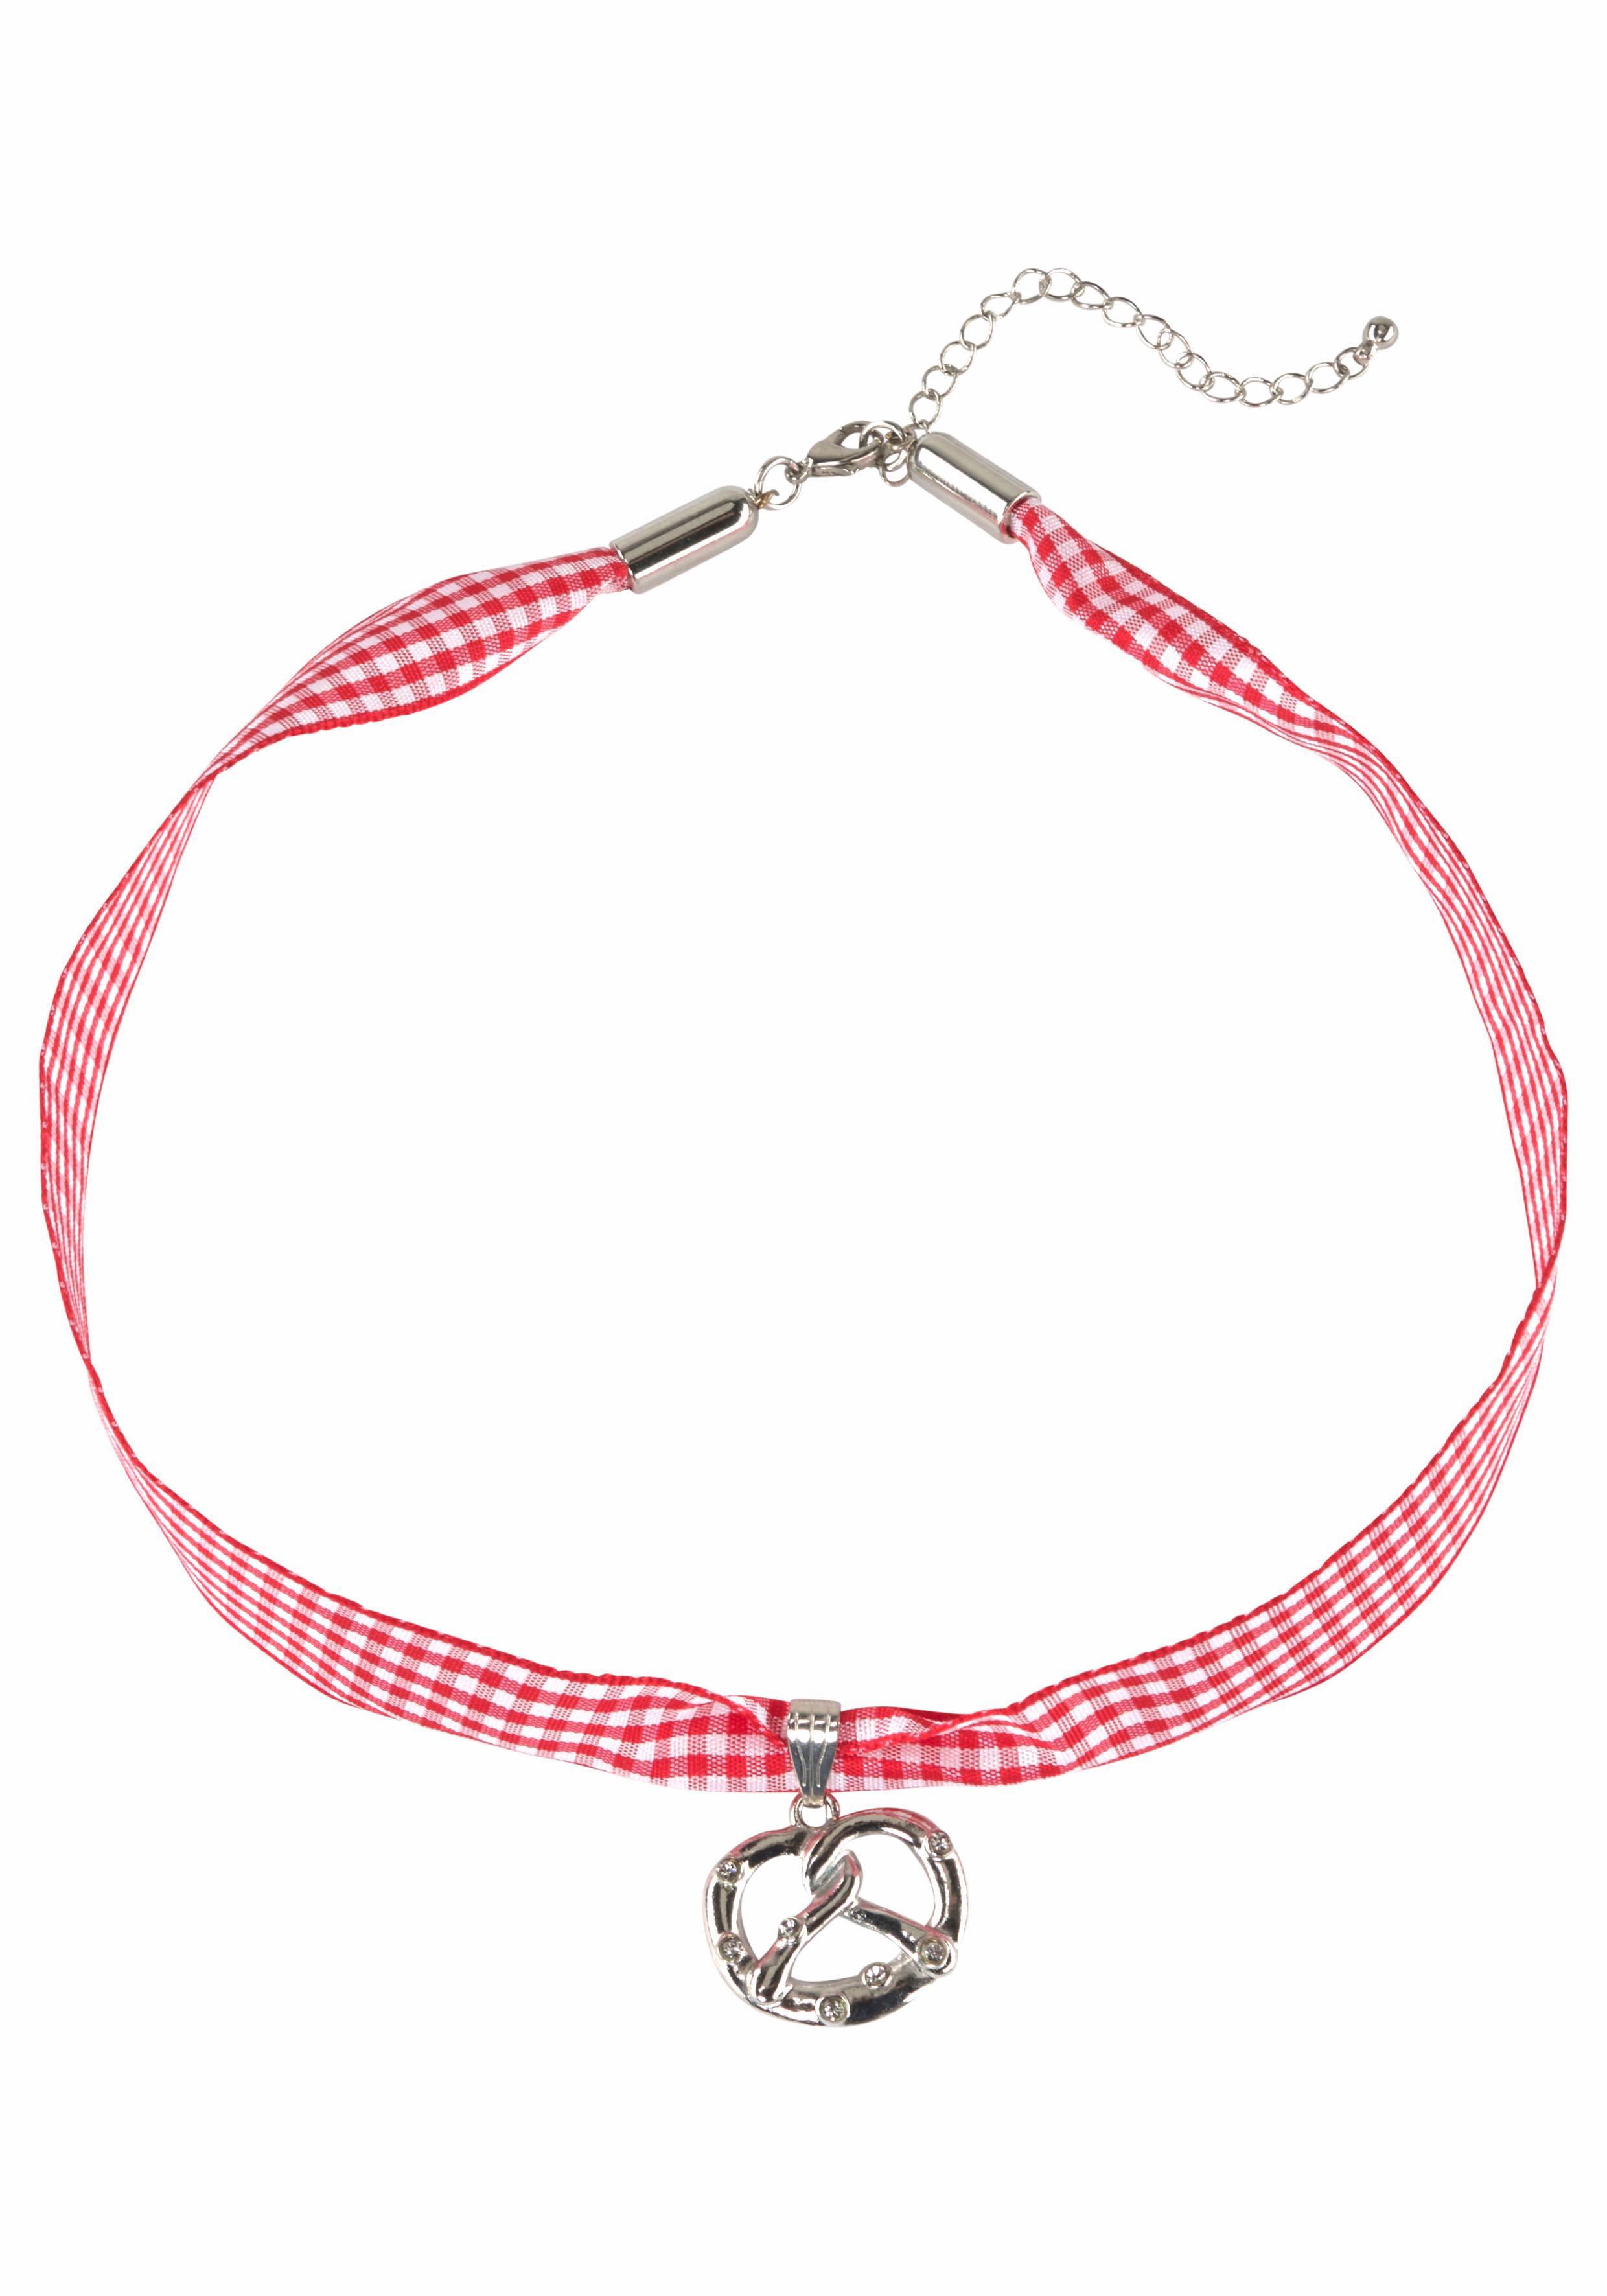 J.Jayz Halsband »kariert, mit Brezelanhänger rot/weiß, Trachten-Look« | Schmuck > Halsketten > Halsbänder | Rot | J.Jayz